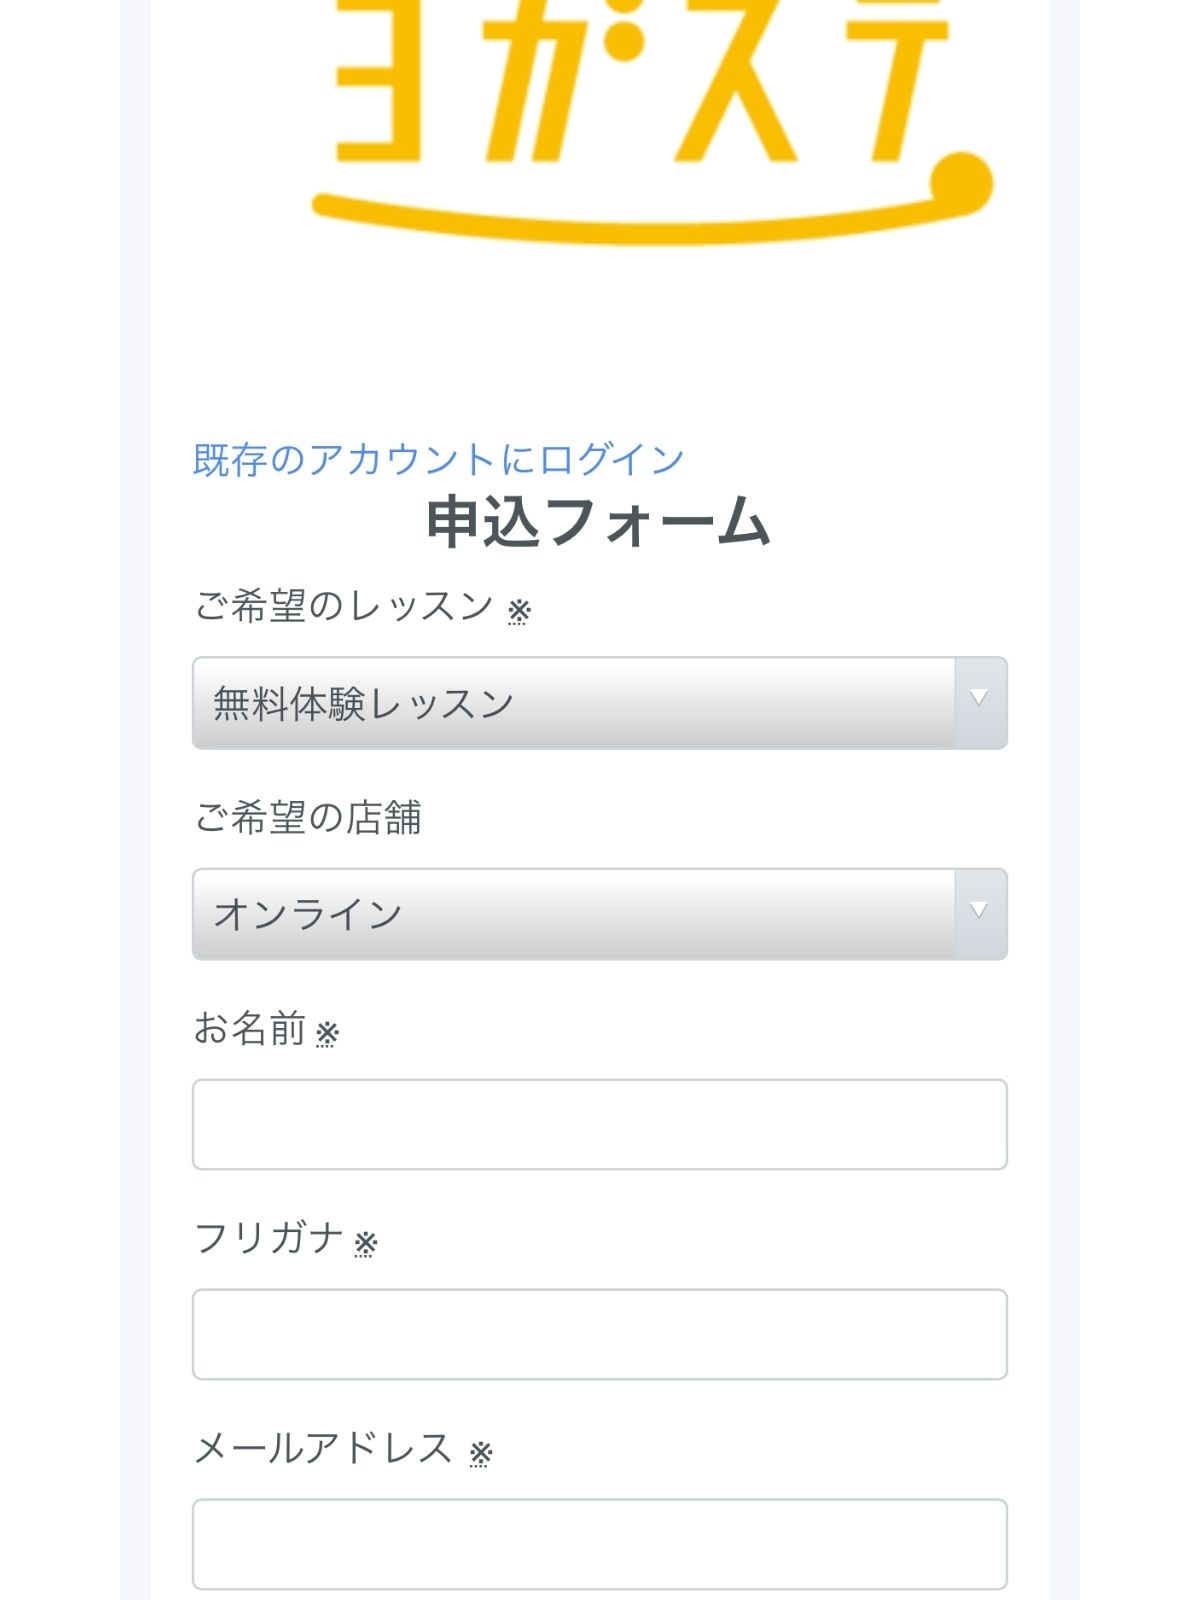 ヨガステ・オンラインの無料会員登録画面